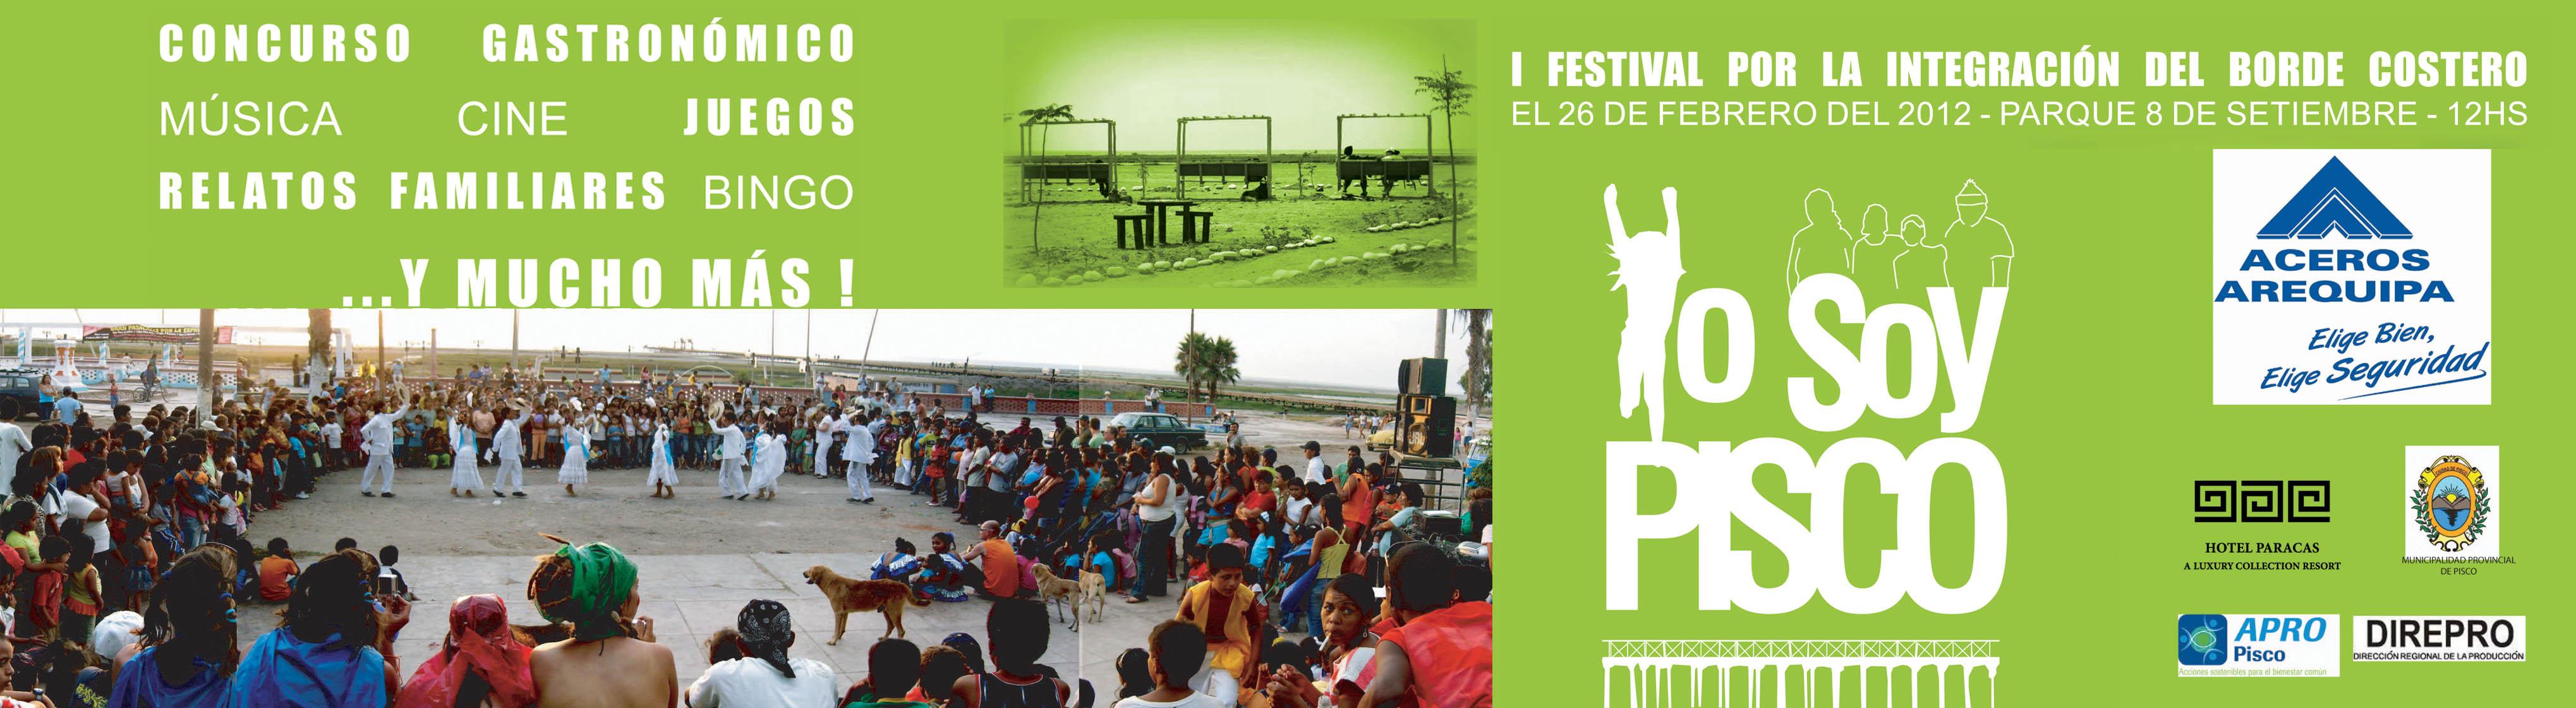 Festival por la Integración del Borde Costero YO SOY PISCO